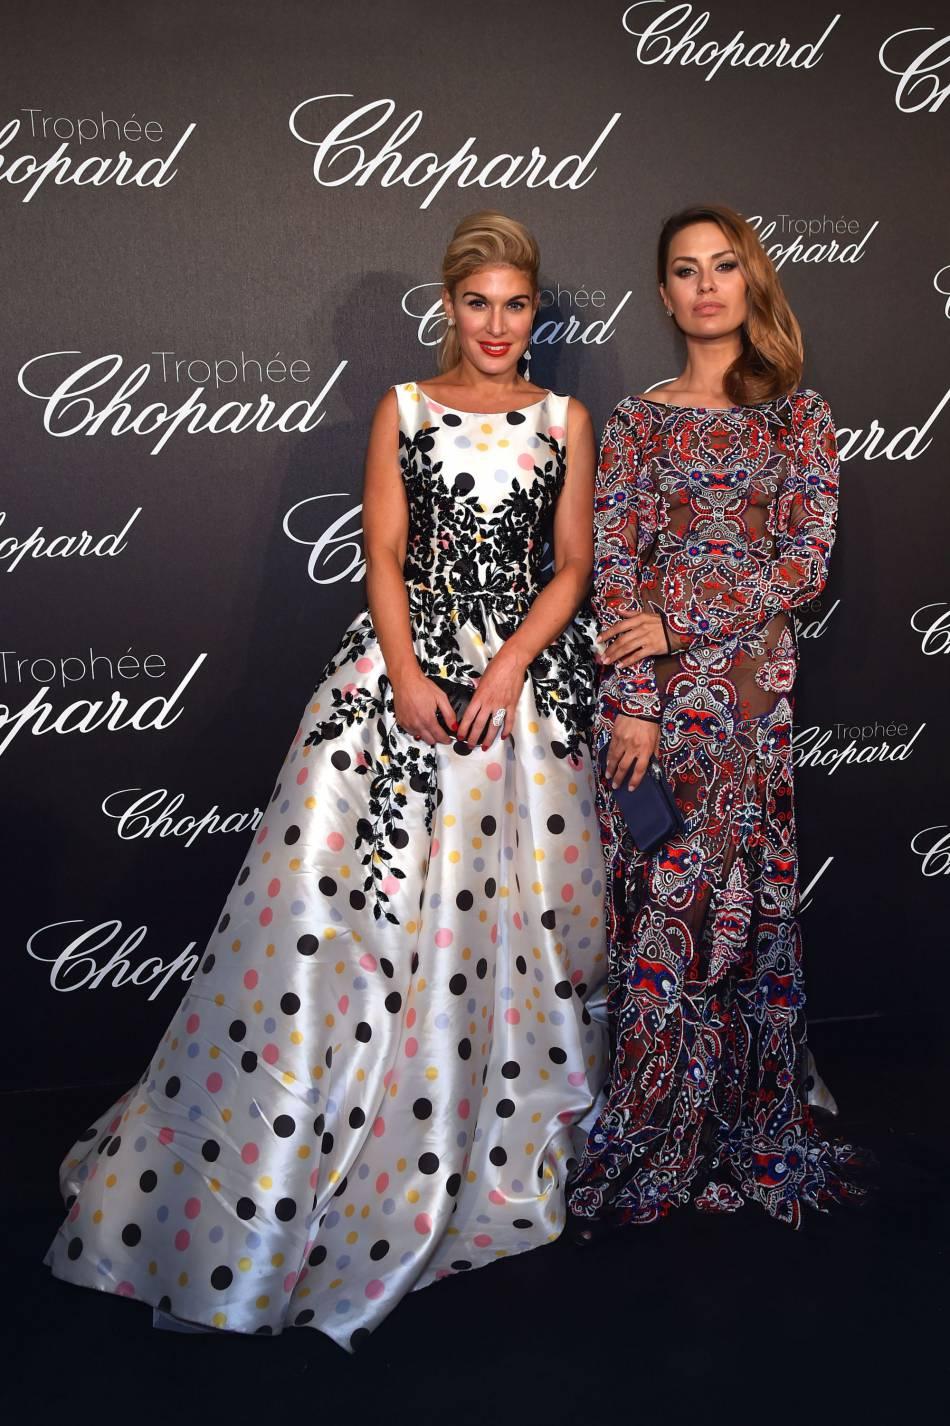 Hofit Golan et Victoria Bonya lors de la cérémonie du Trophée Chopard organisé le 12 mai 2016 à Cannes.